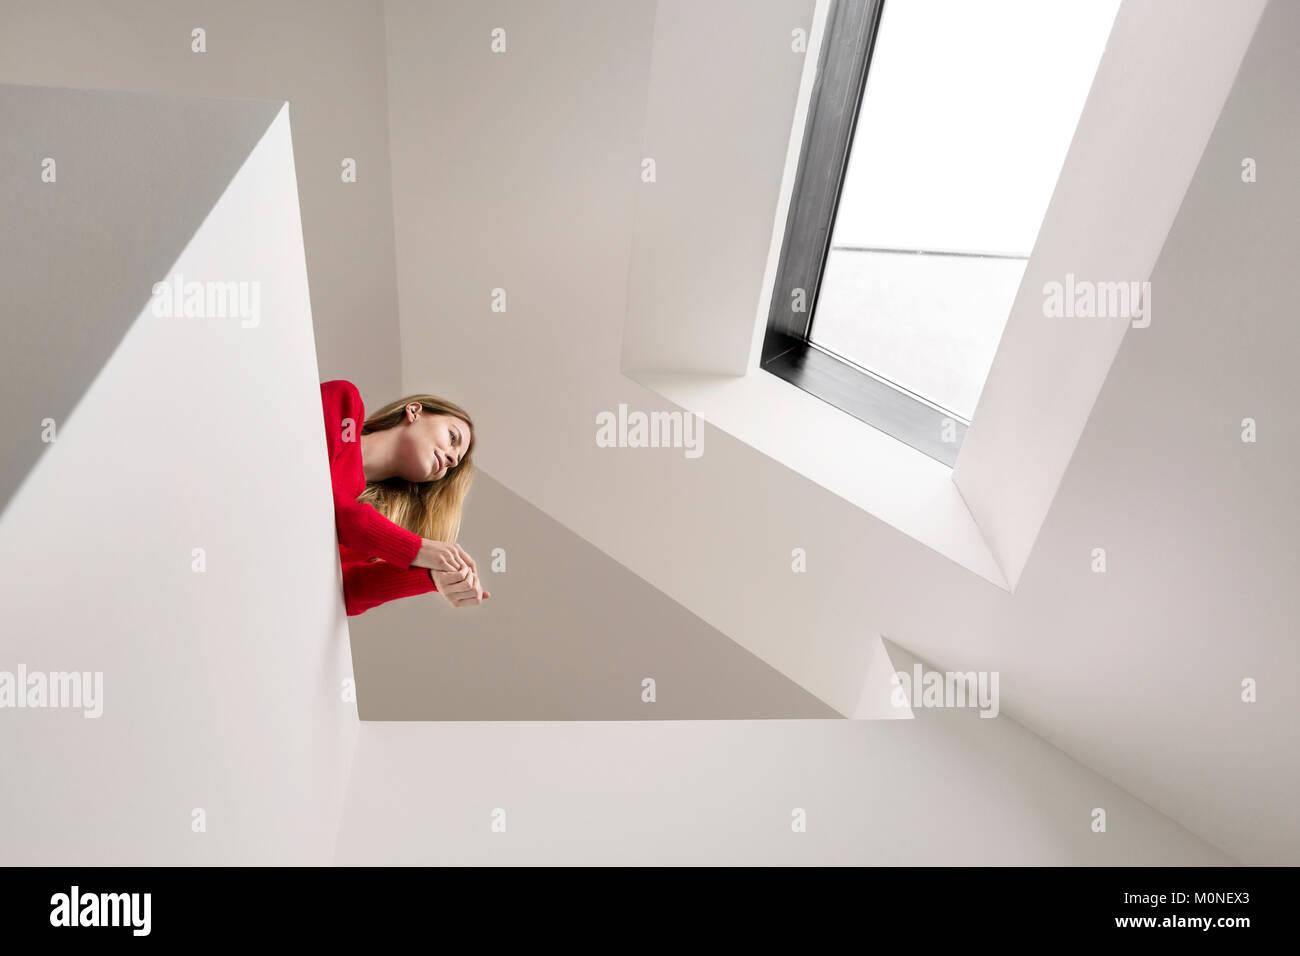 Zimmer Unter Dach Stockfotos Zimmer Unter Dach Bilder Alamy